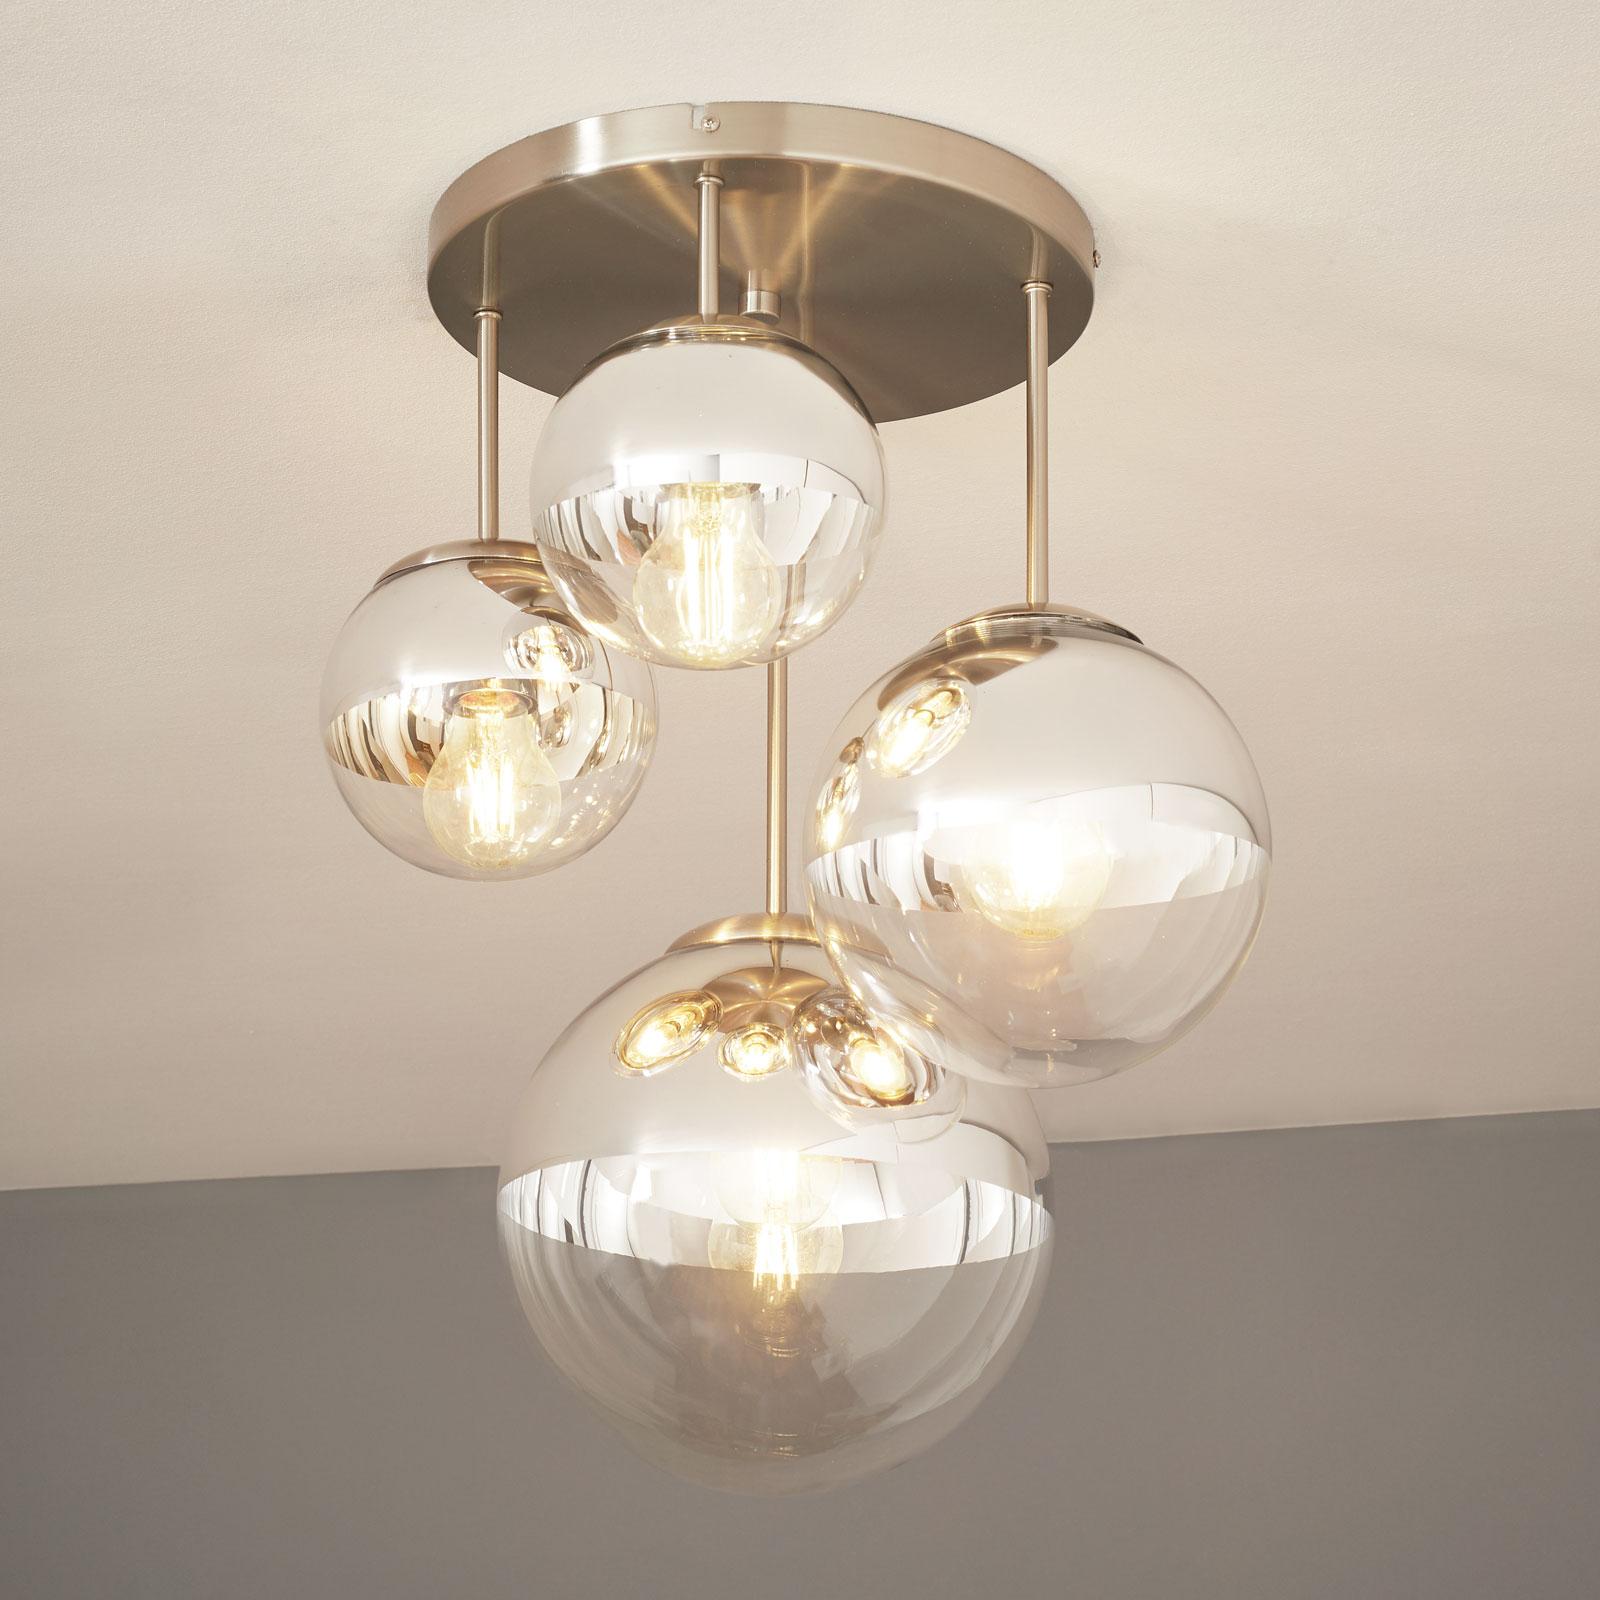 Plafonnier Ravena à sphères, à 4 lampes